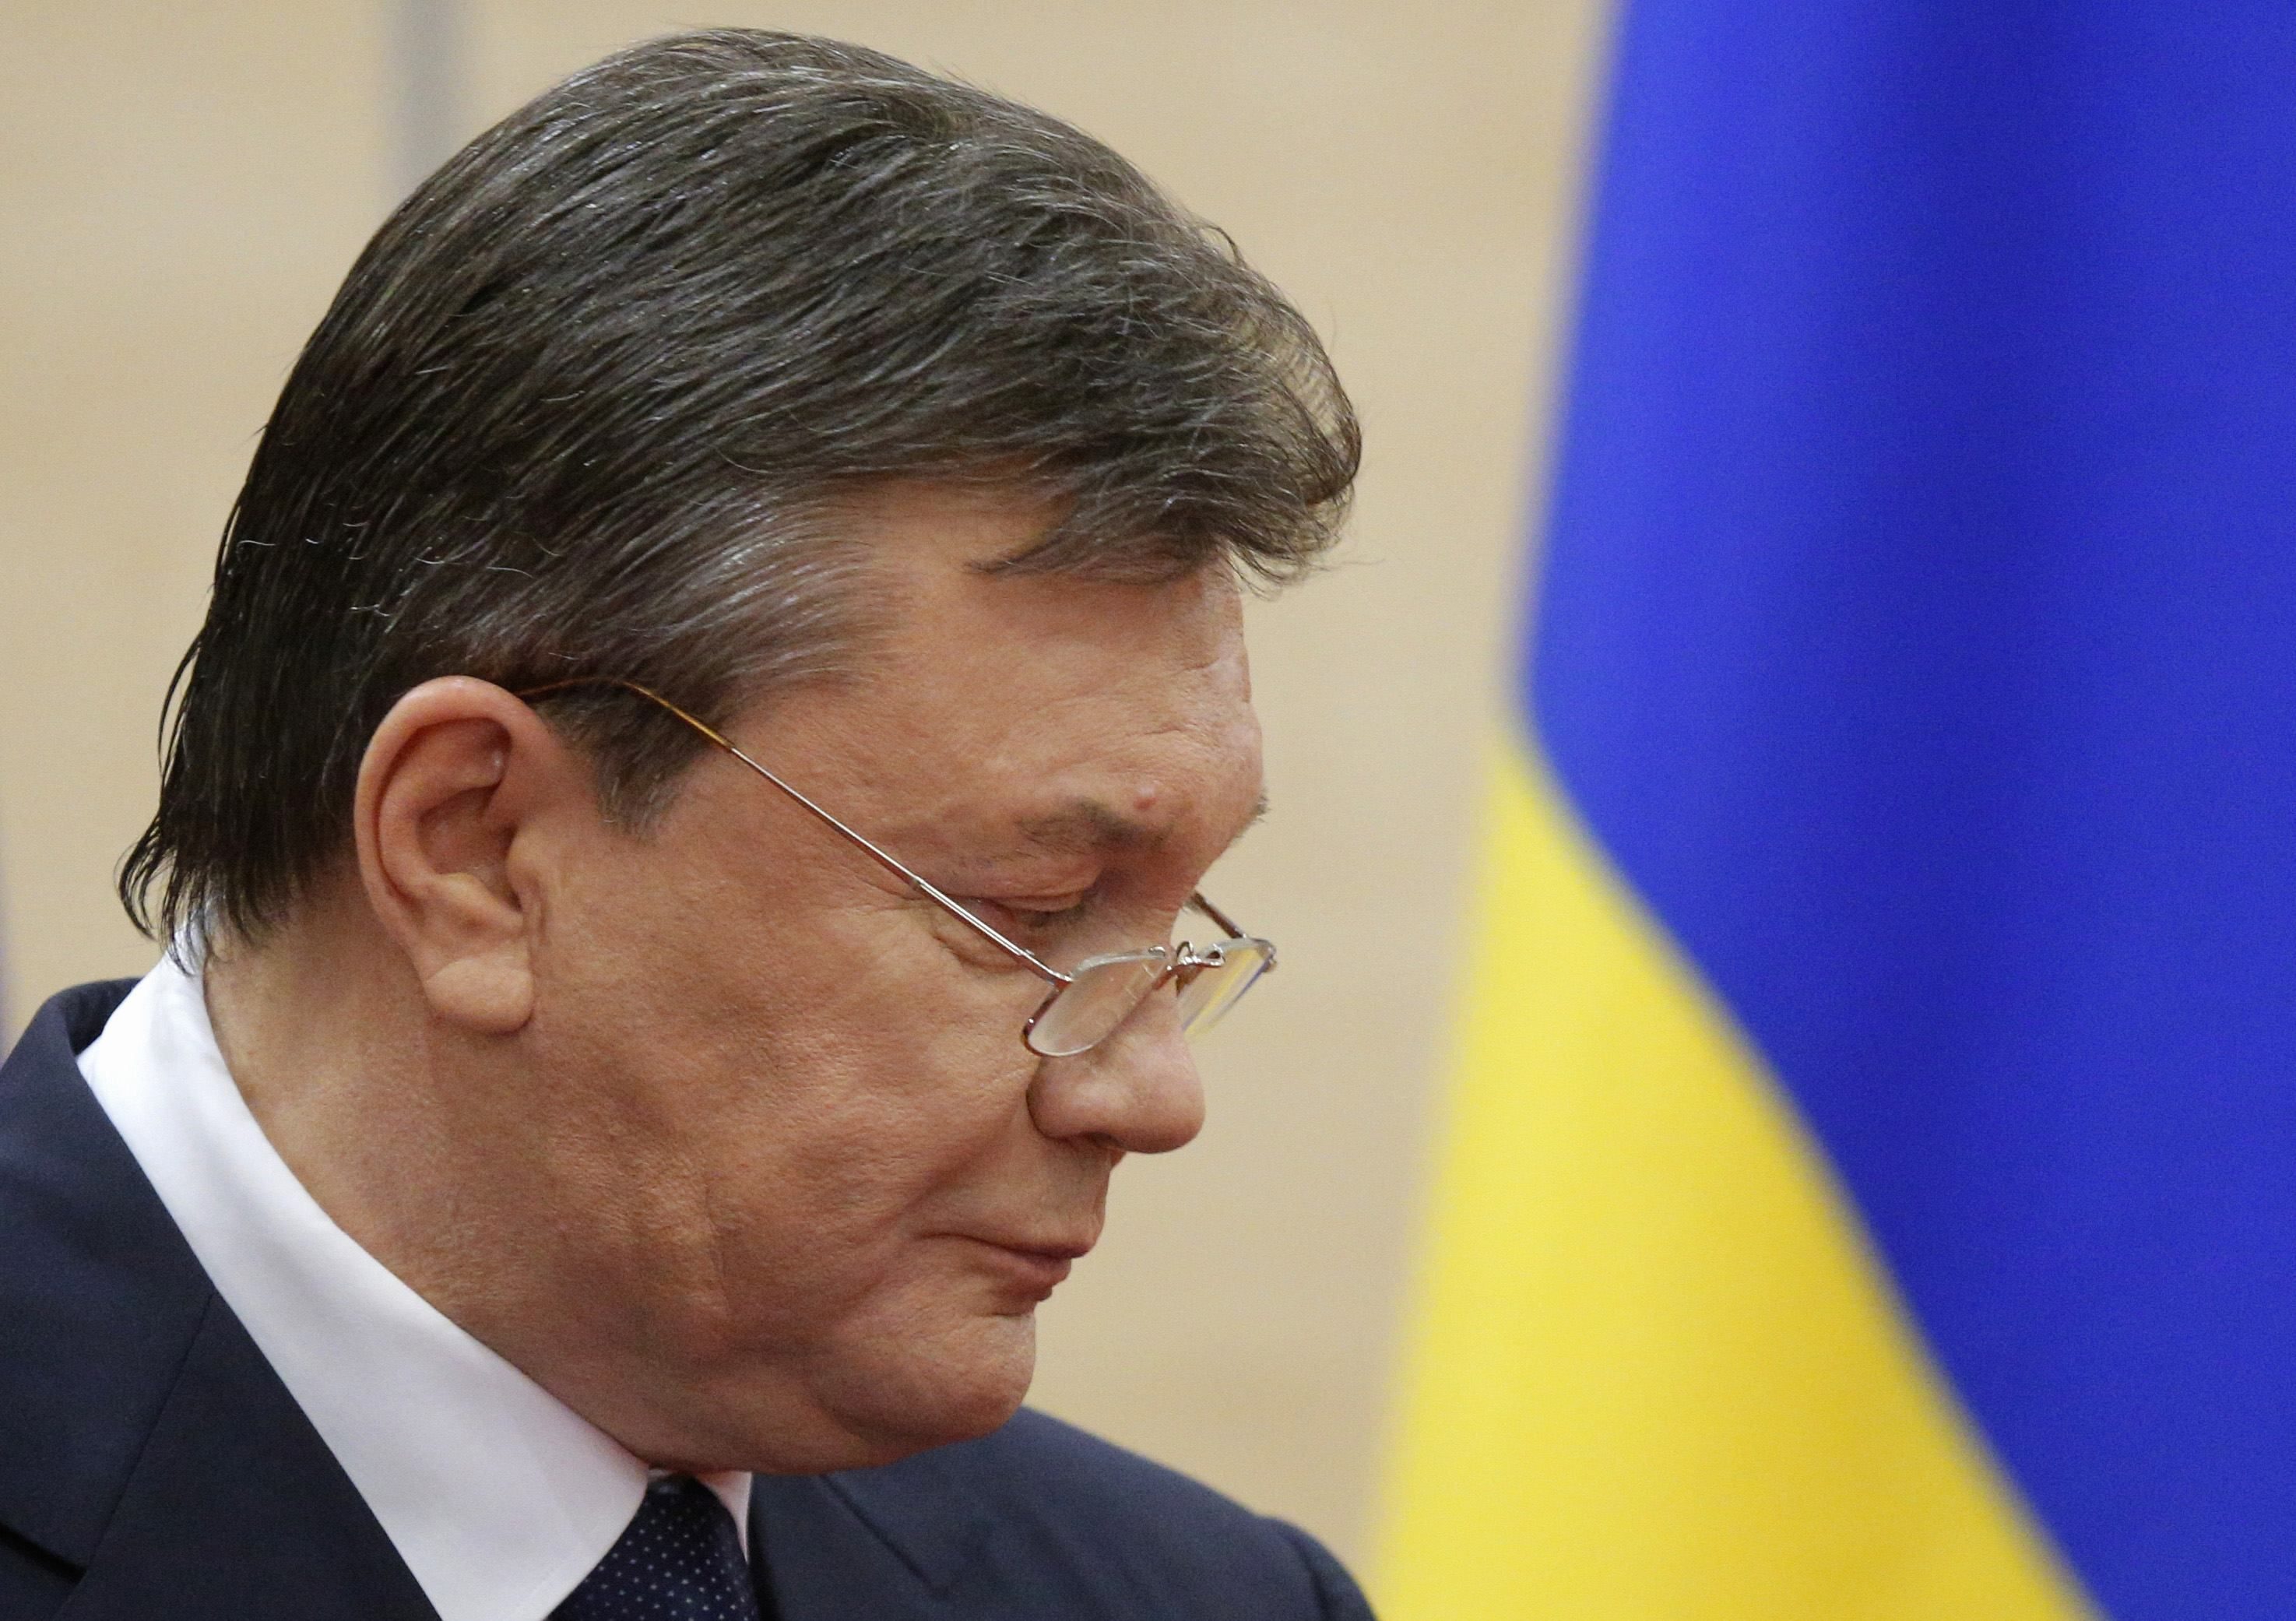 Владимир Путин приказал взять Виктора Януковича под охрану